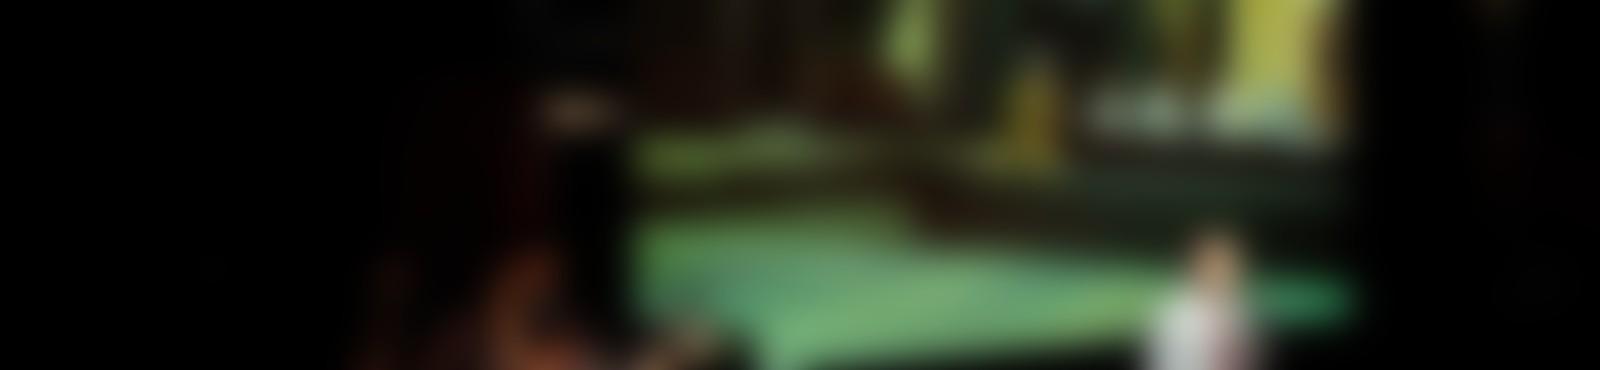 Blurred 201511110201460953